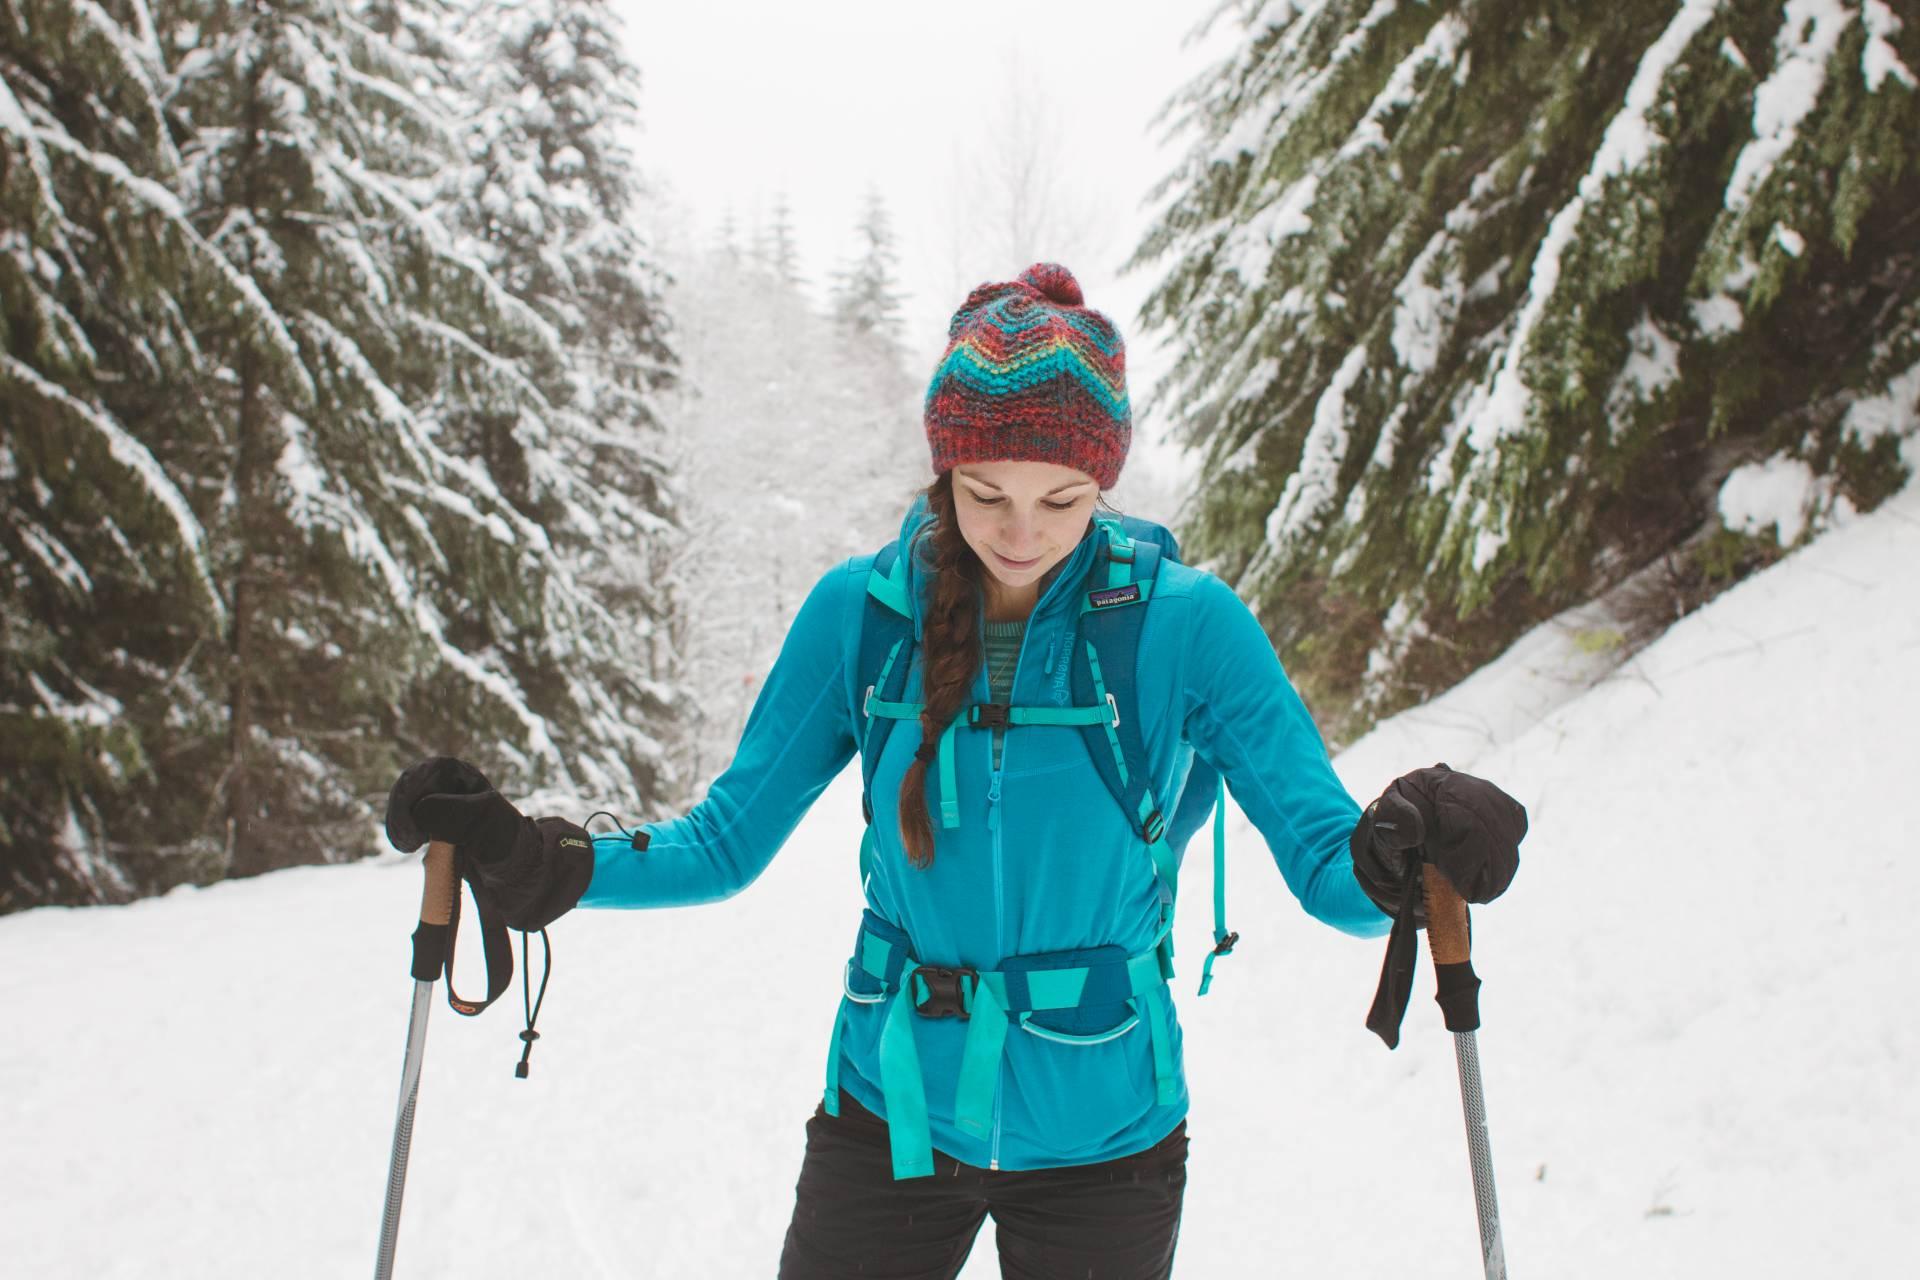 Snow activities near Seattle, WA